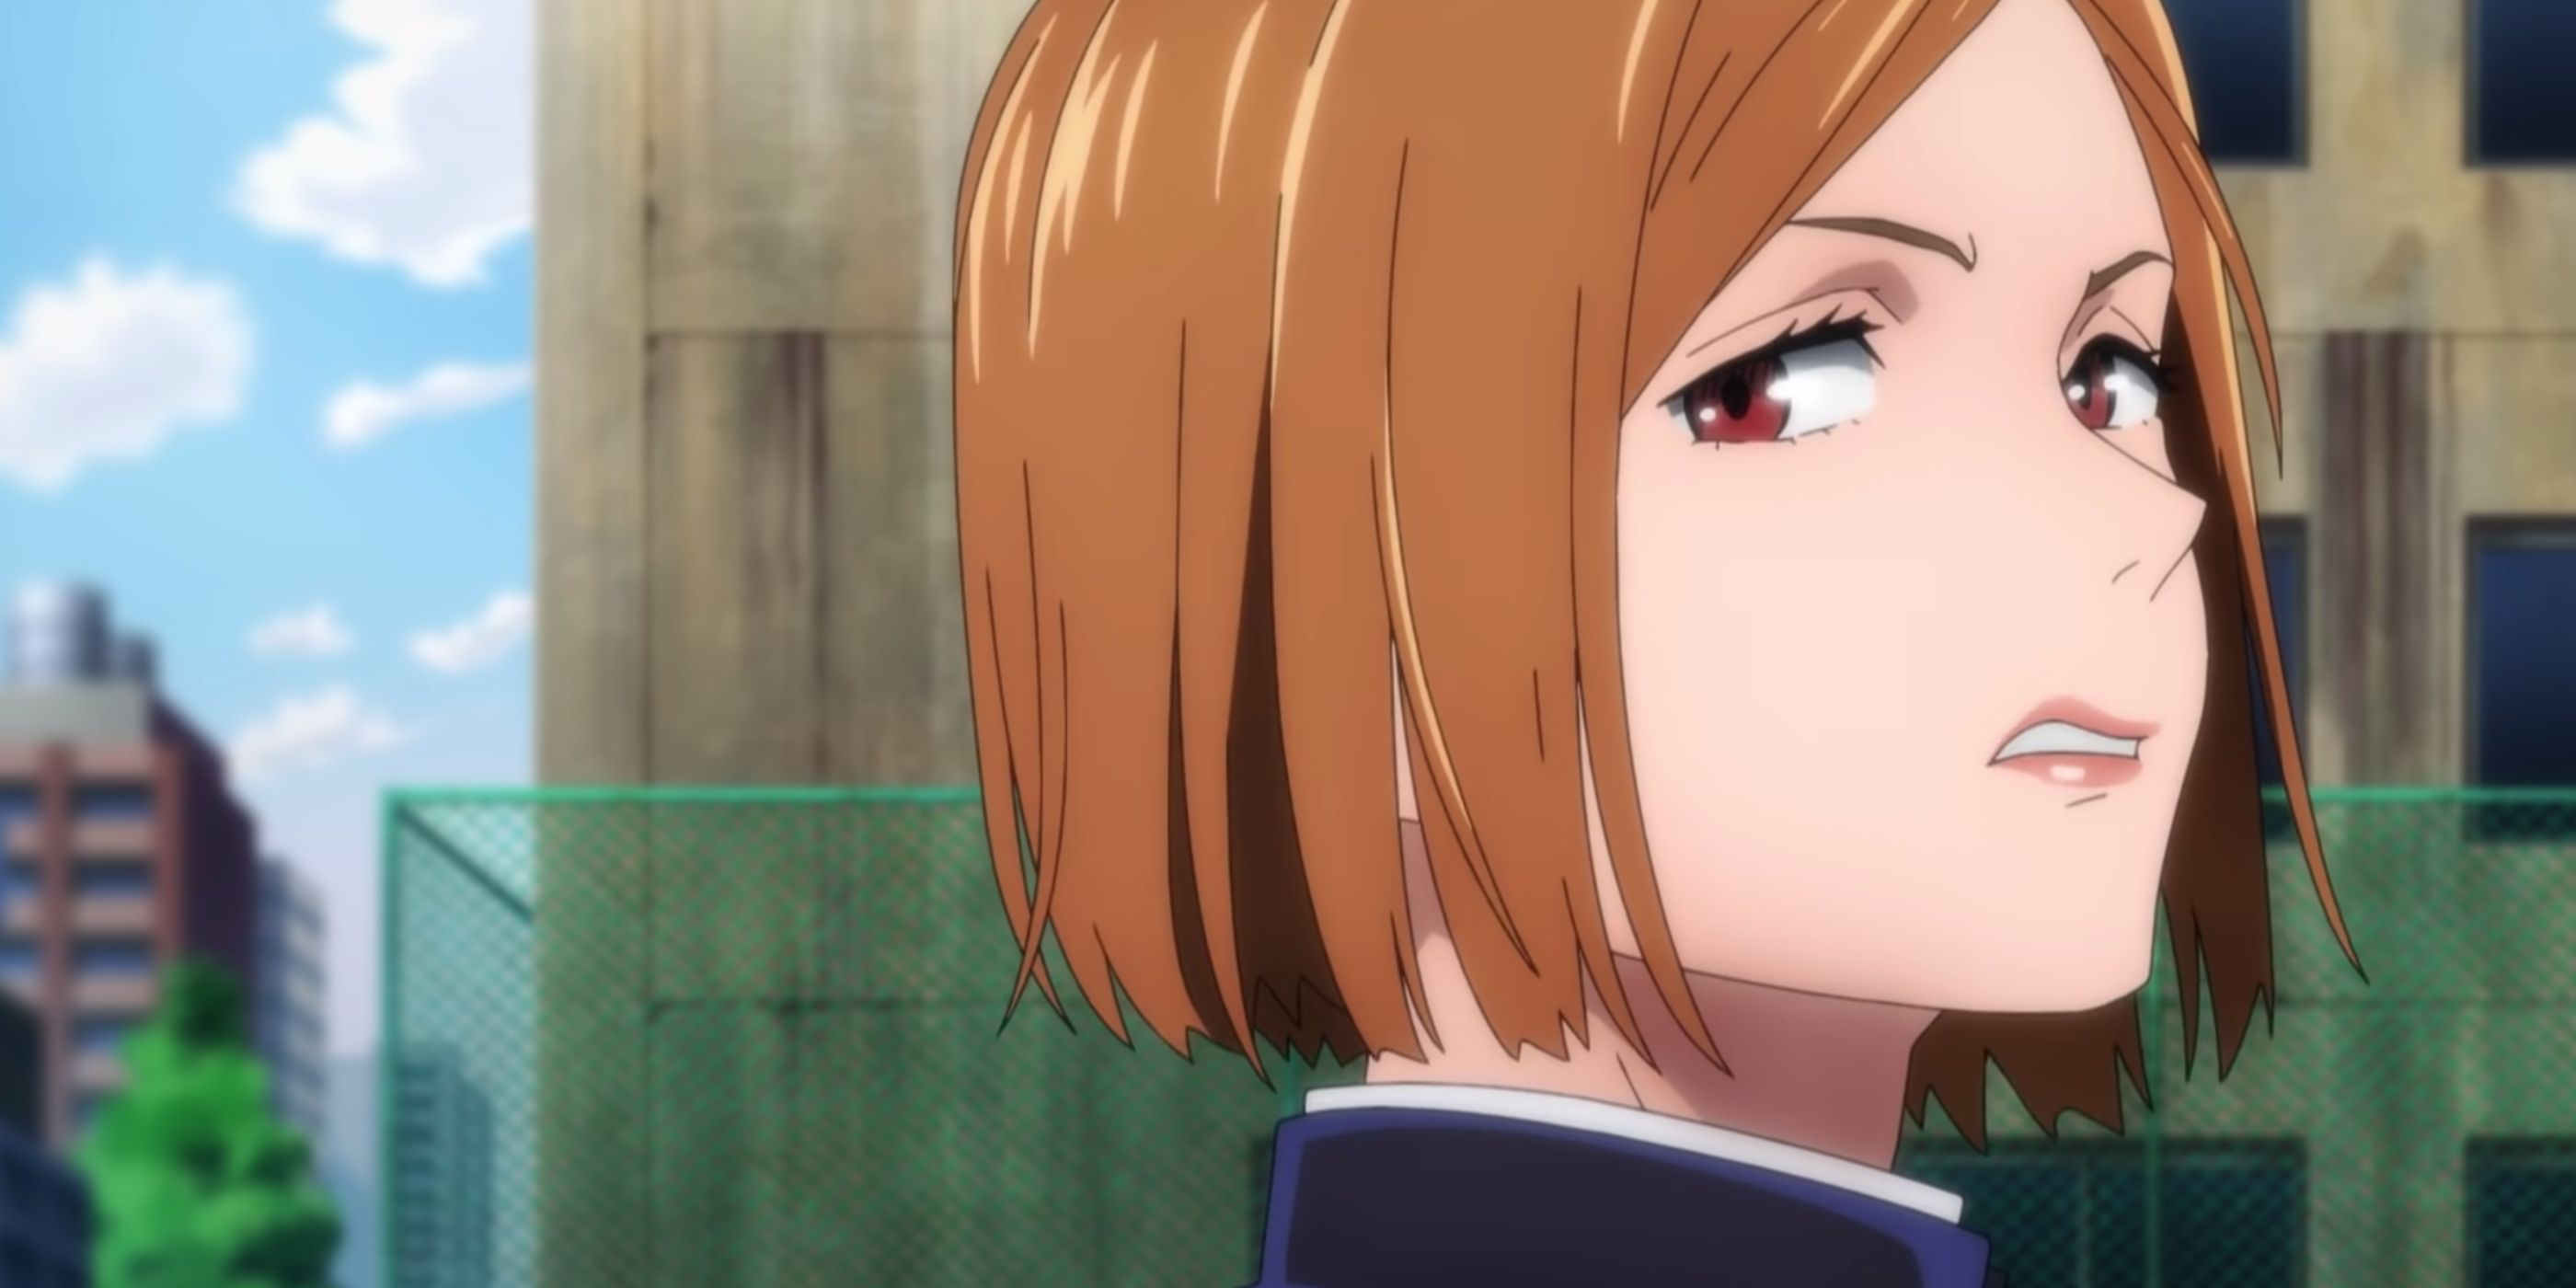 Jujutsu Kaisen: Idade de cada personagem principal 6